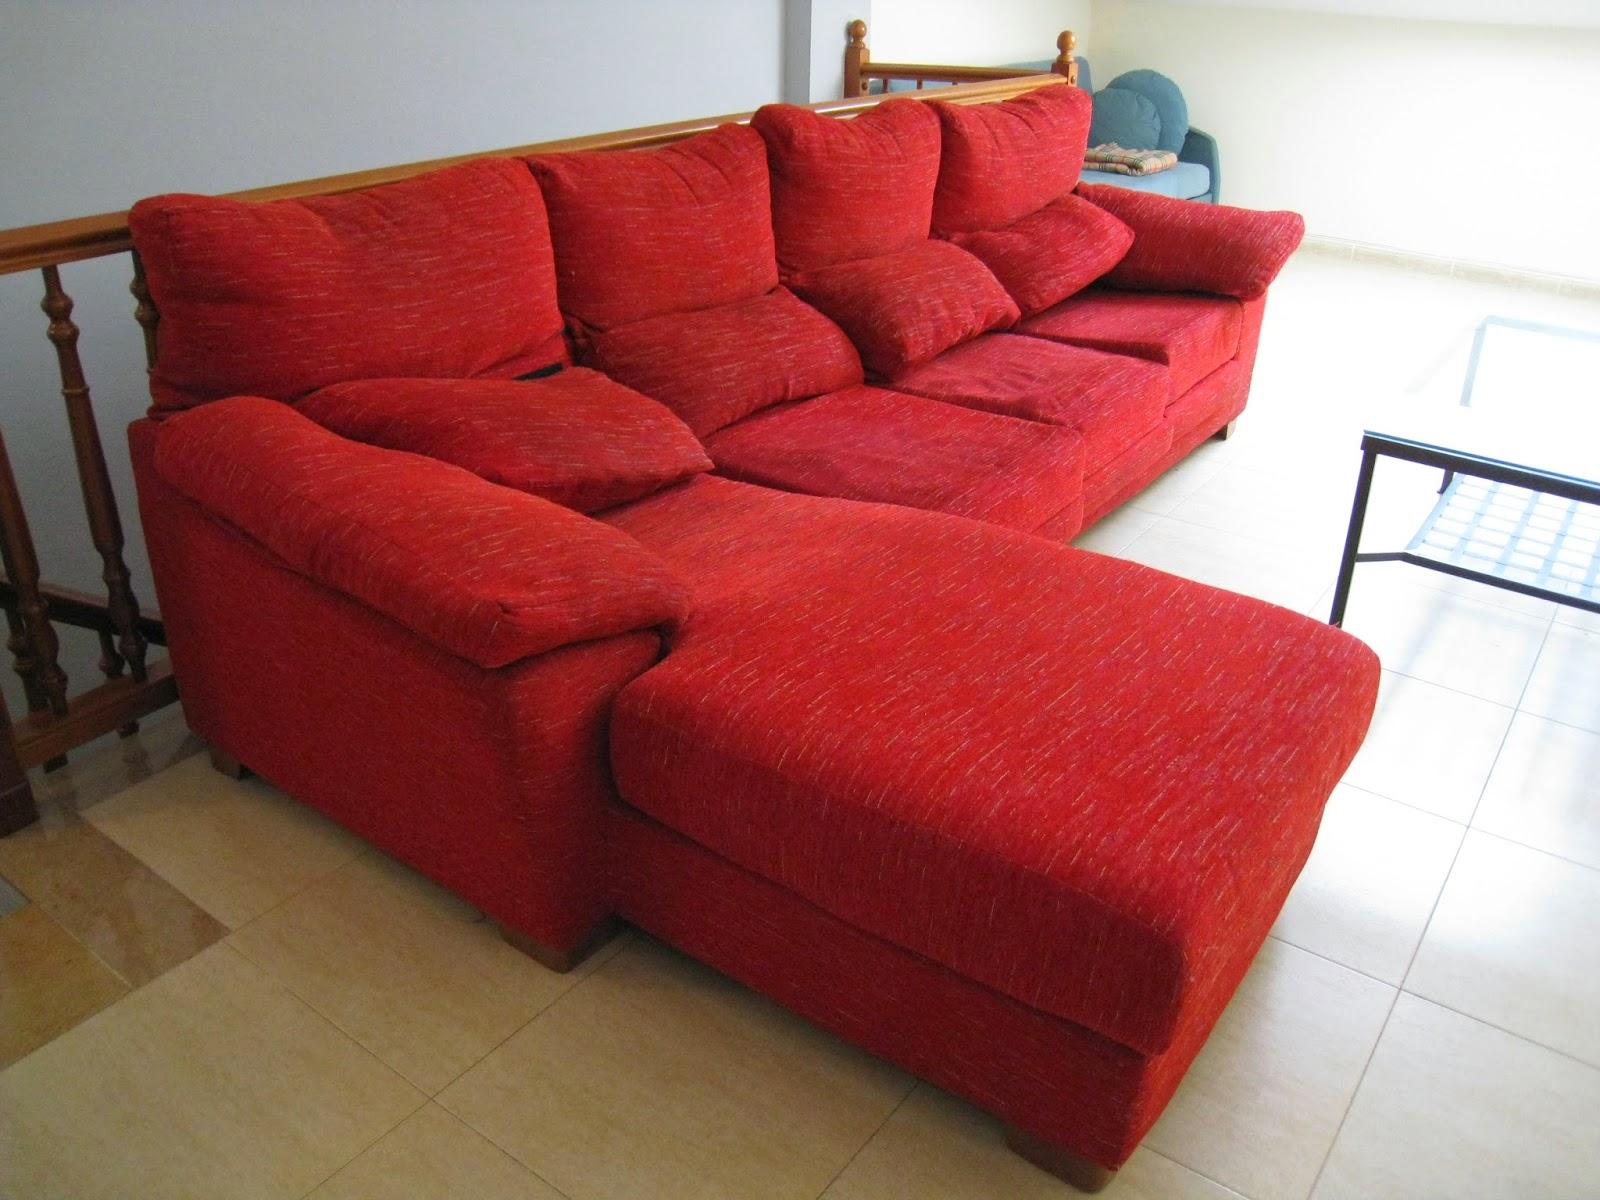 fundas para sofa en peru modern sectional sofas houston tx funda de sofÁ jean tejana vaquera denim etc